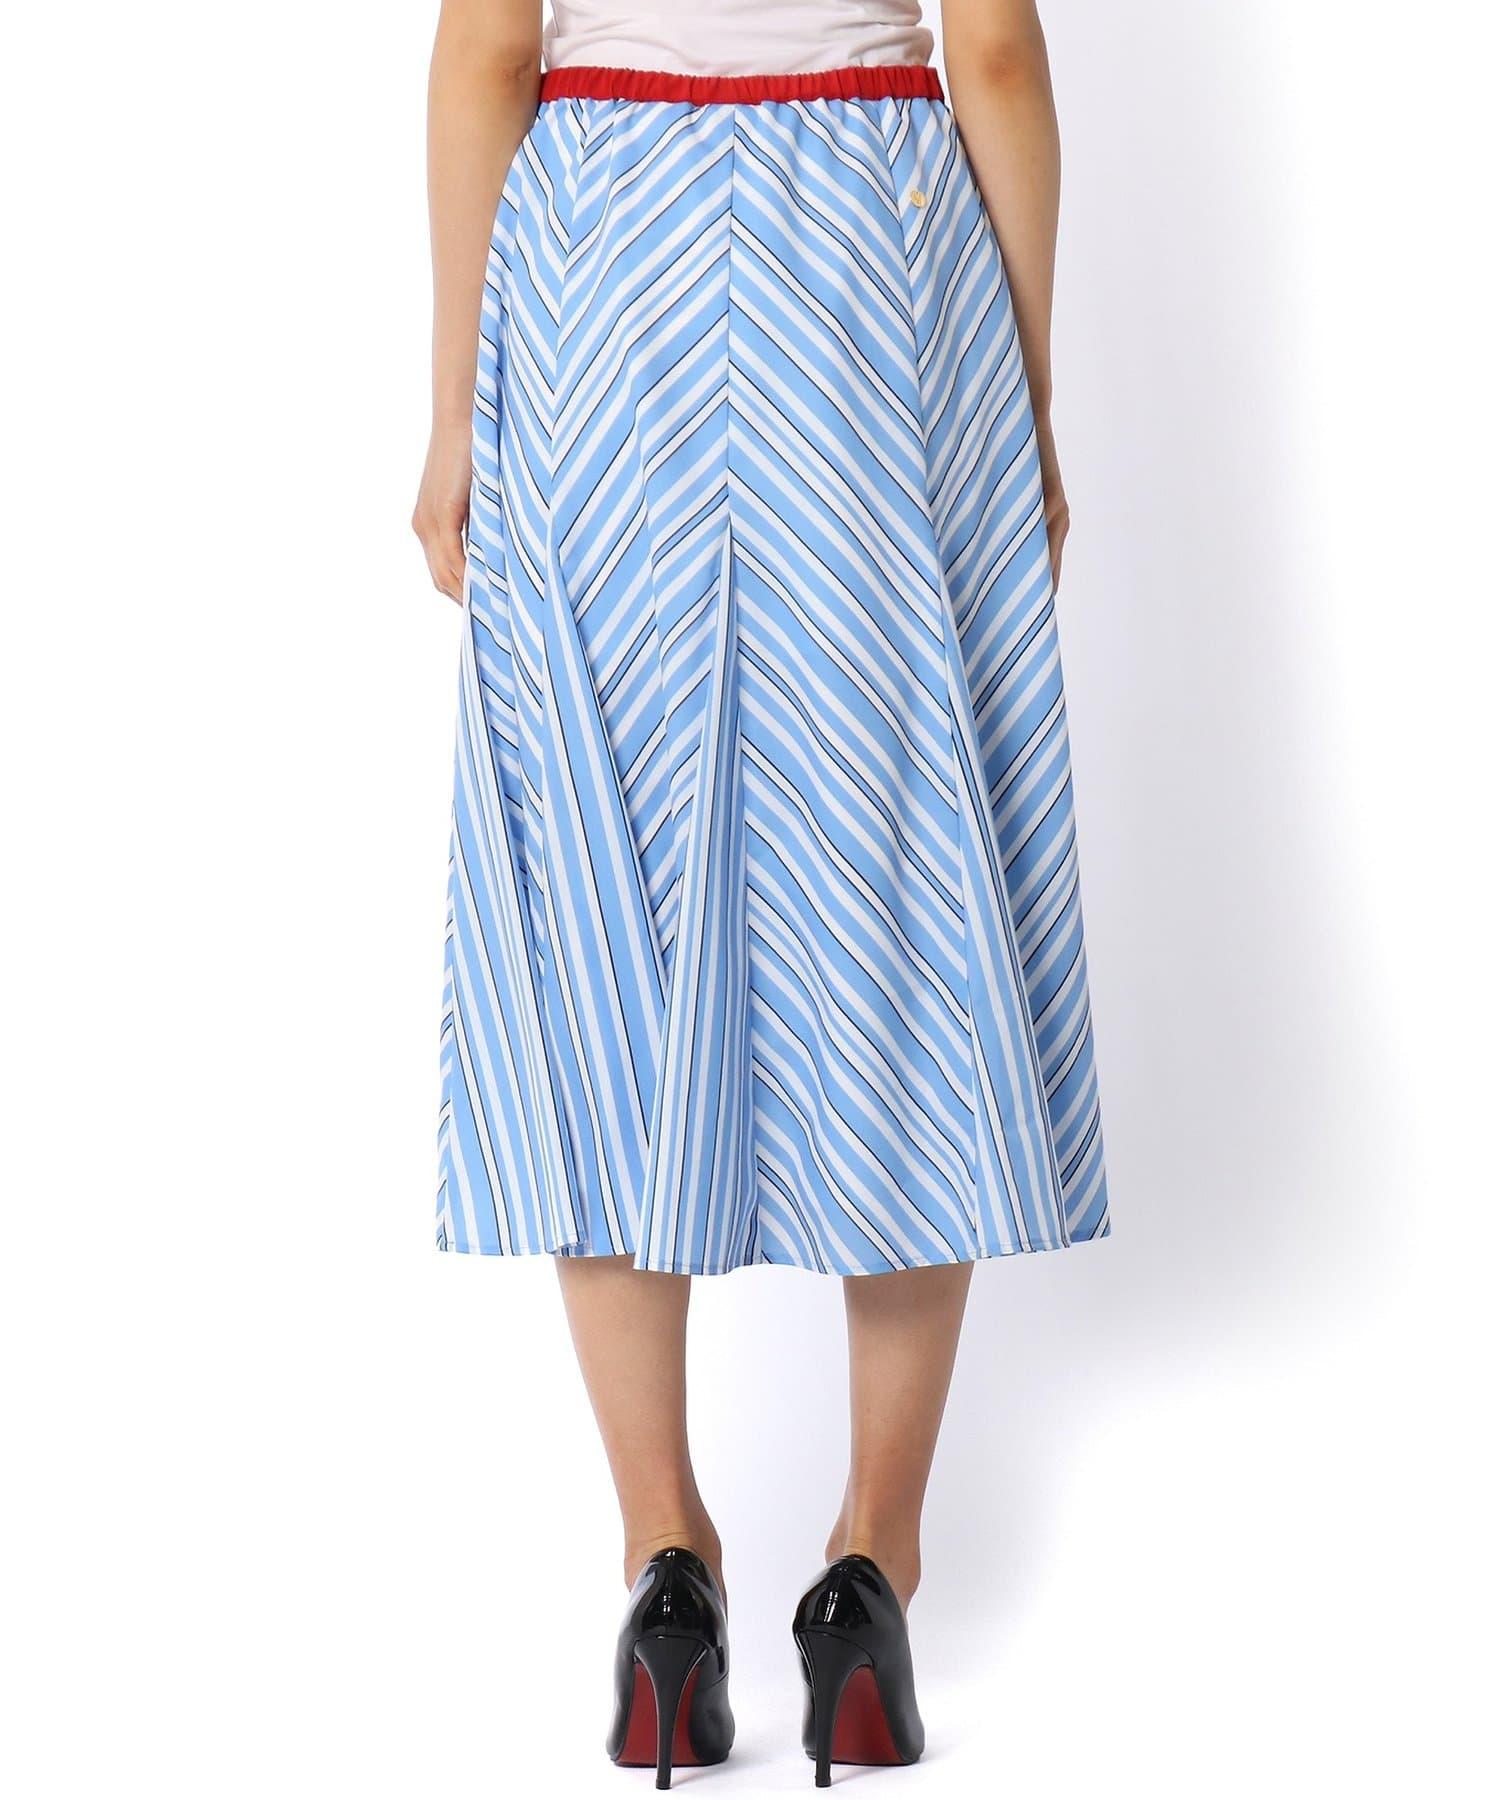 La boutique BonBon(ラブティックボンボン) 《予約》【MUVEIL(ミュベール)】ストライププリントスカート